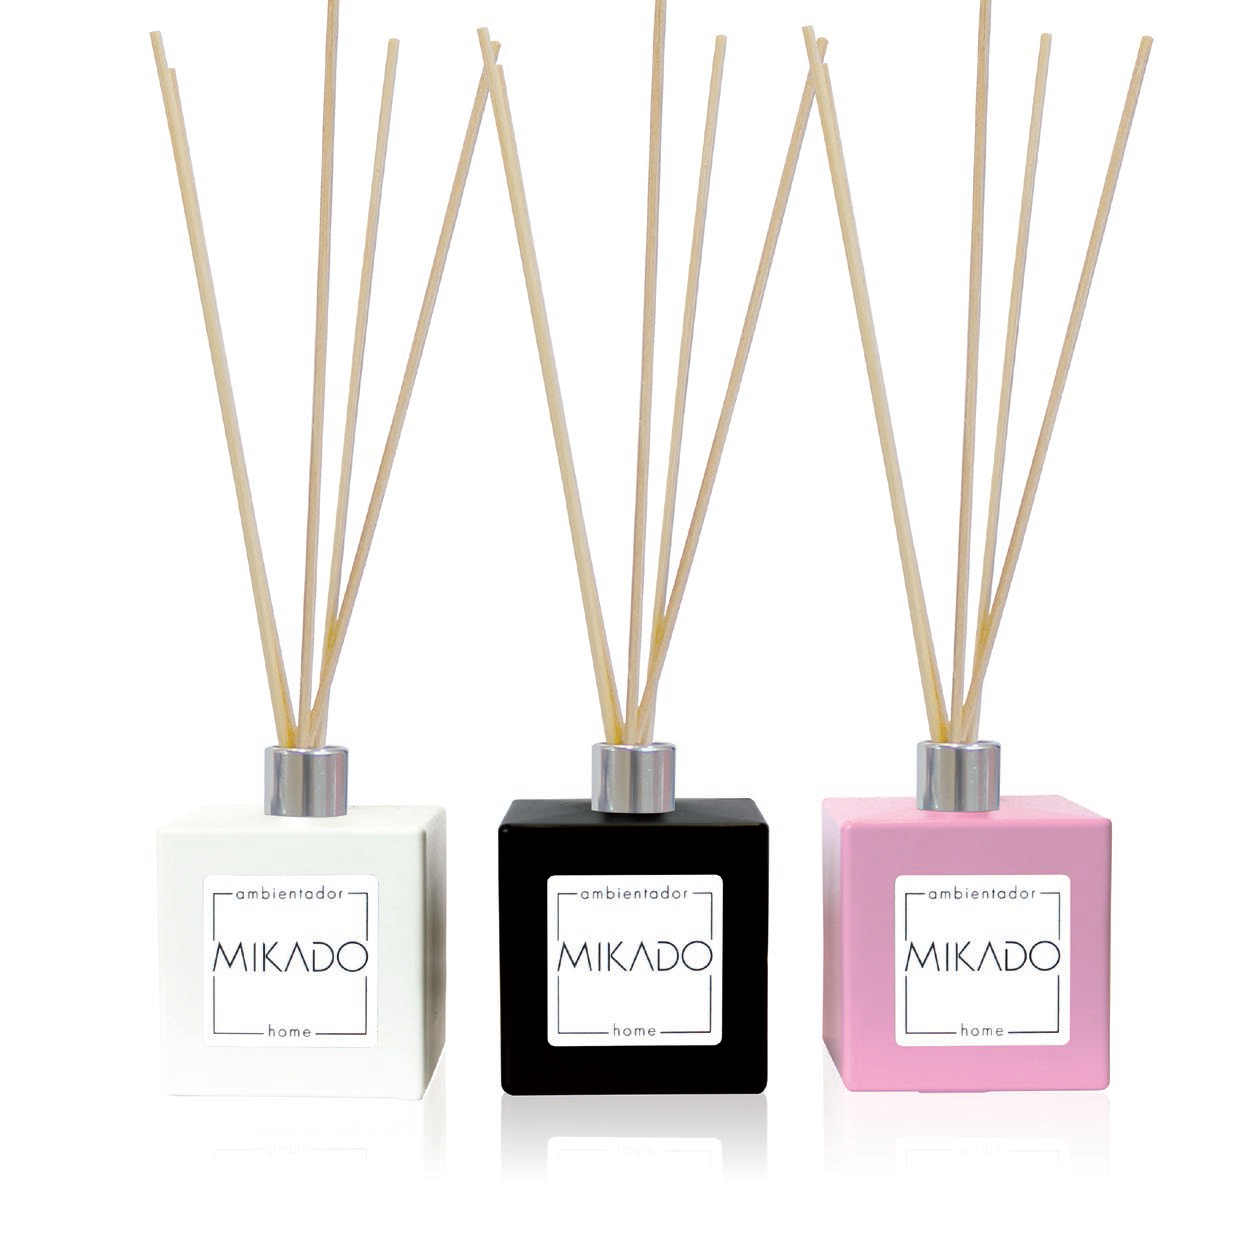 Mikado ambientador completo 100 ml con frasco cerámico blanco, negro o rosa de 100 ml y 5 varillas fragancia Lily